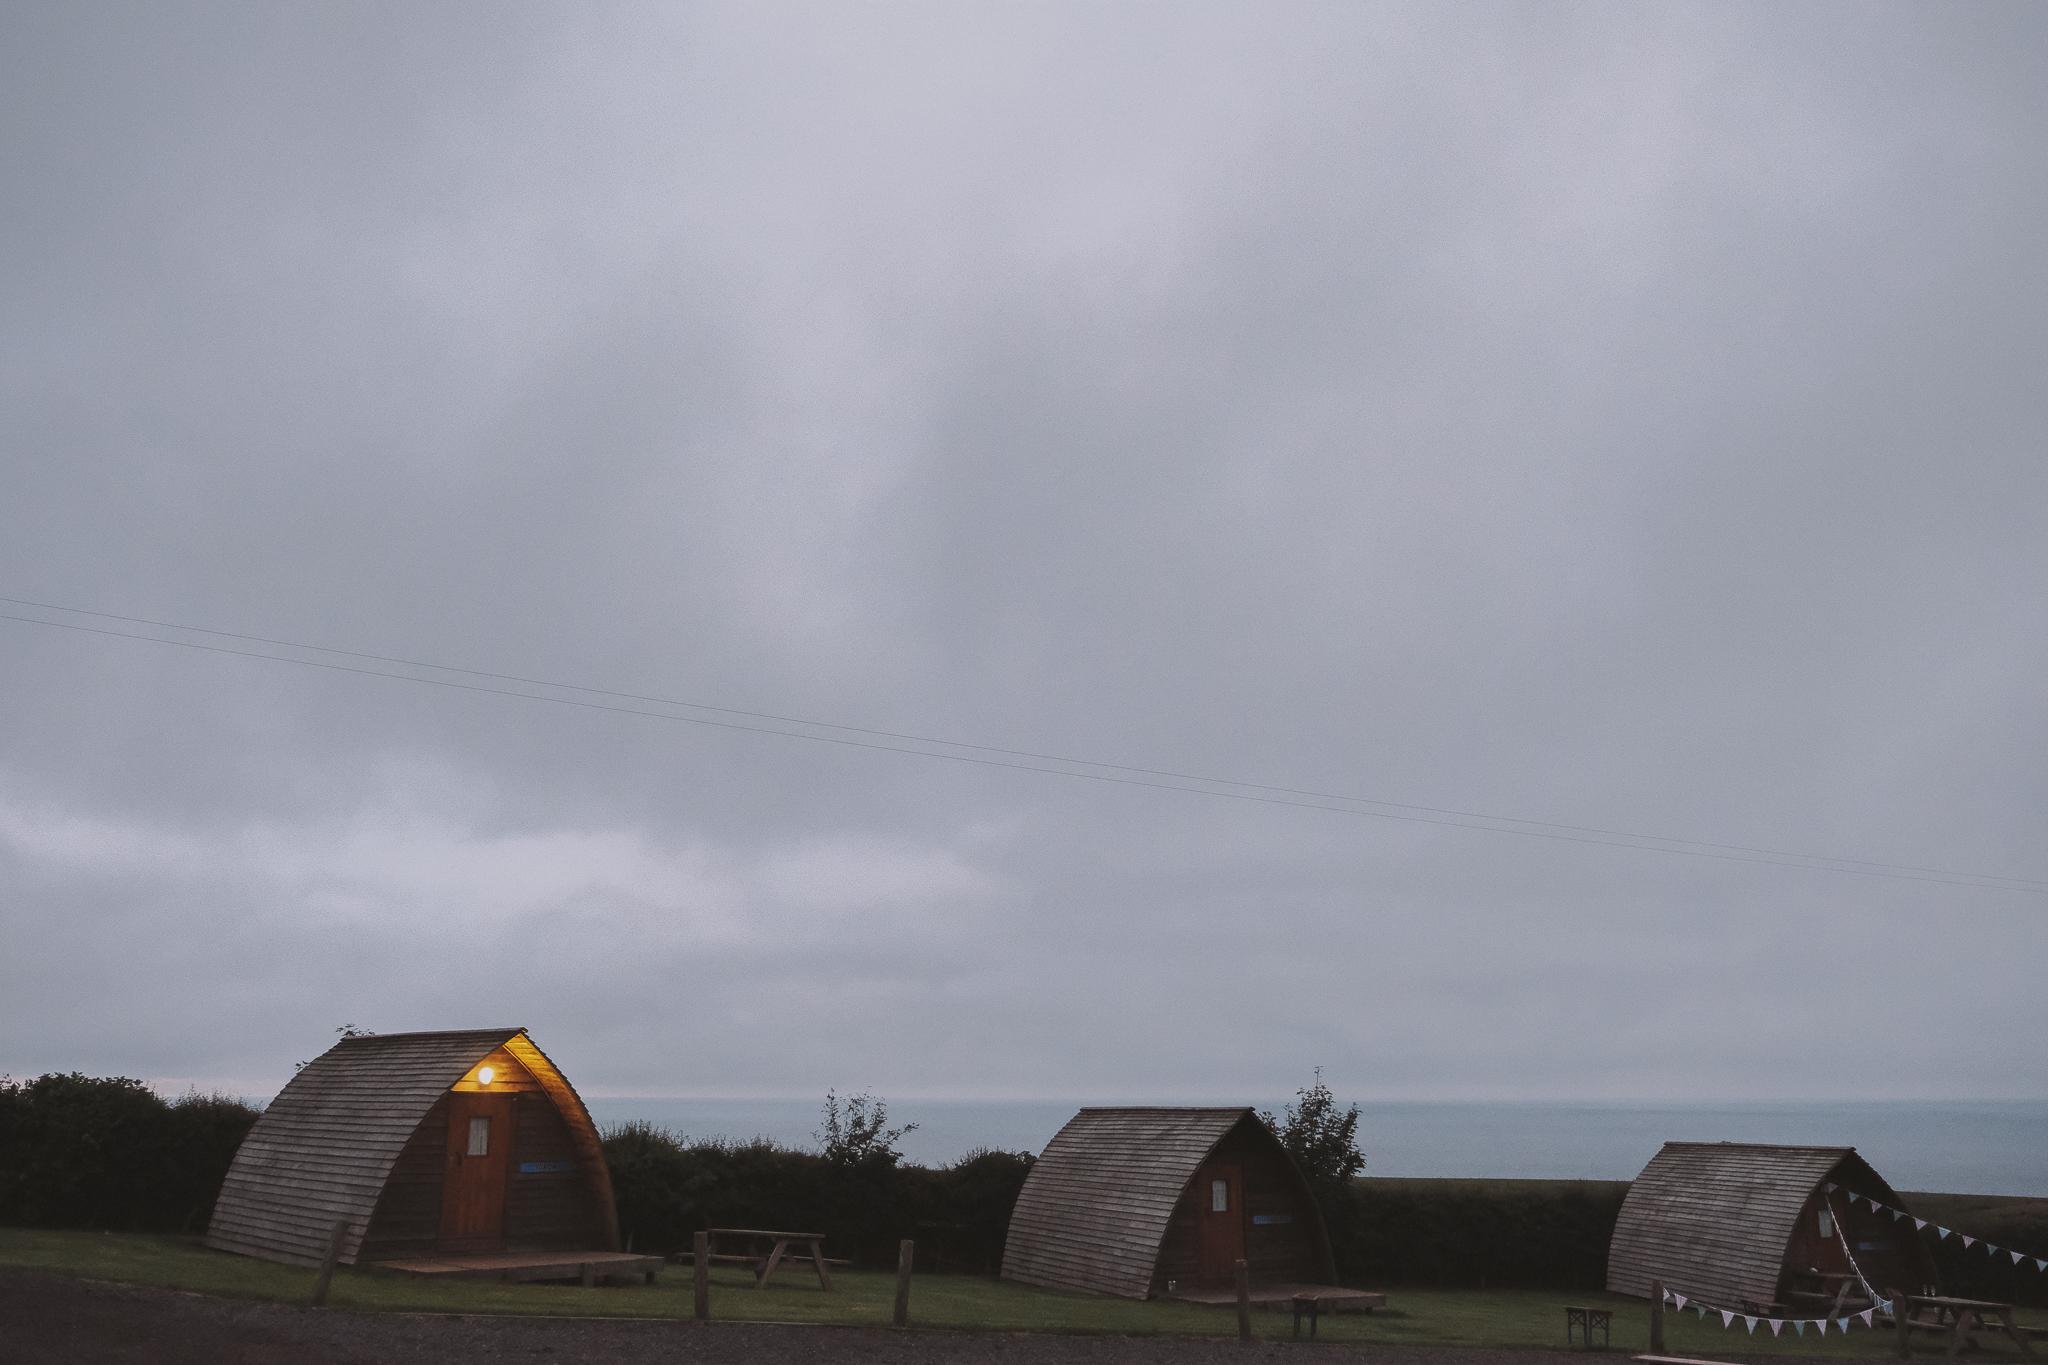 Wooden wigwams at sunset at Potadoodledoo